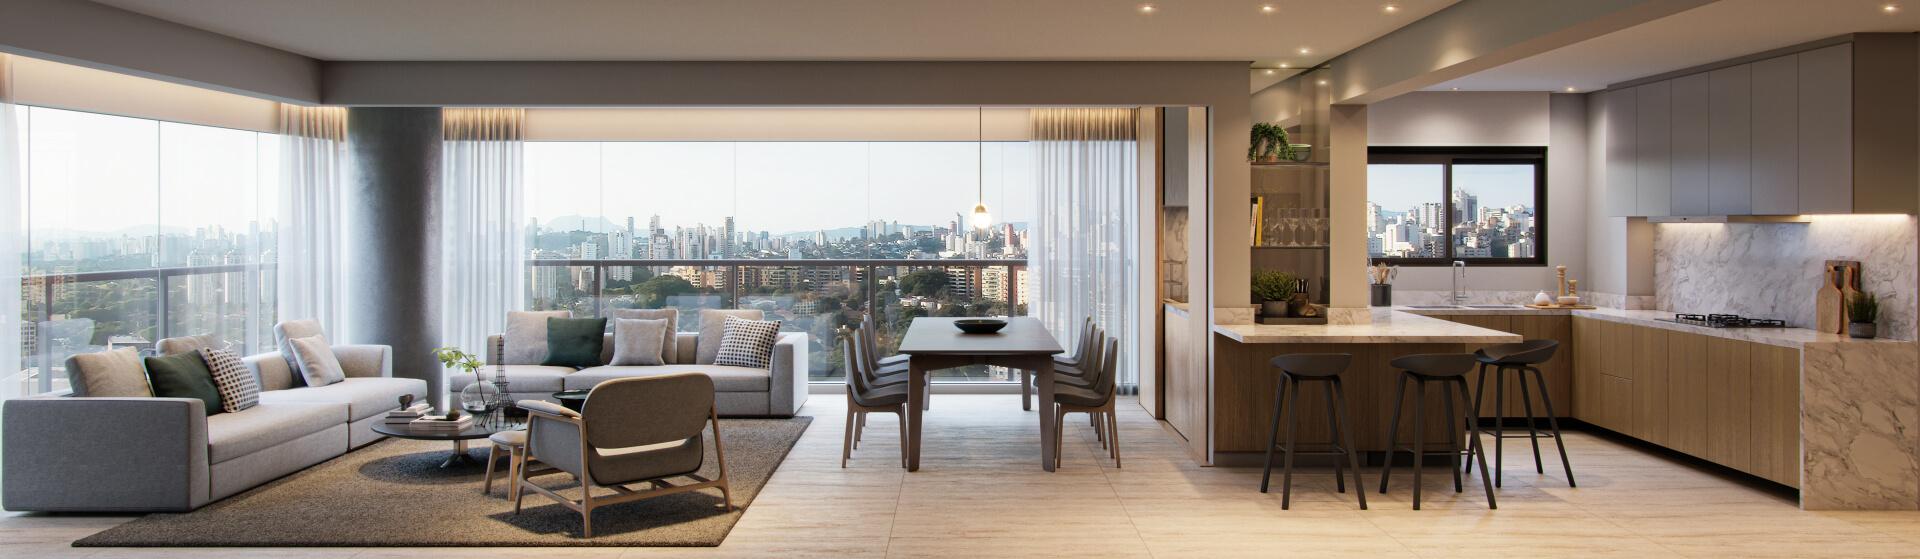 LIVING da apto de 153 m² com amplo living que se conecta ao espaço gourmet com churrasqueira e bancada de apoio entregue. Destaque para a cozinha com janela para iluminação direta, criando um espaço arejado para o preparo de refeições.